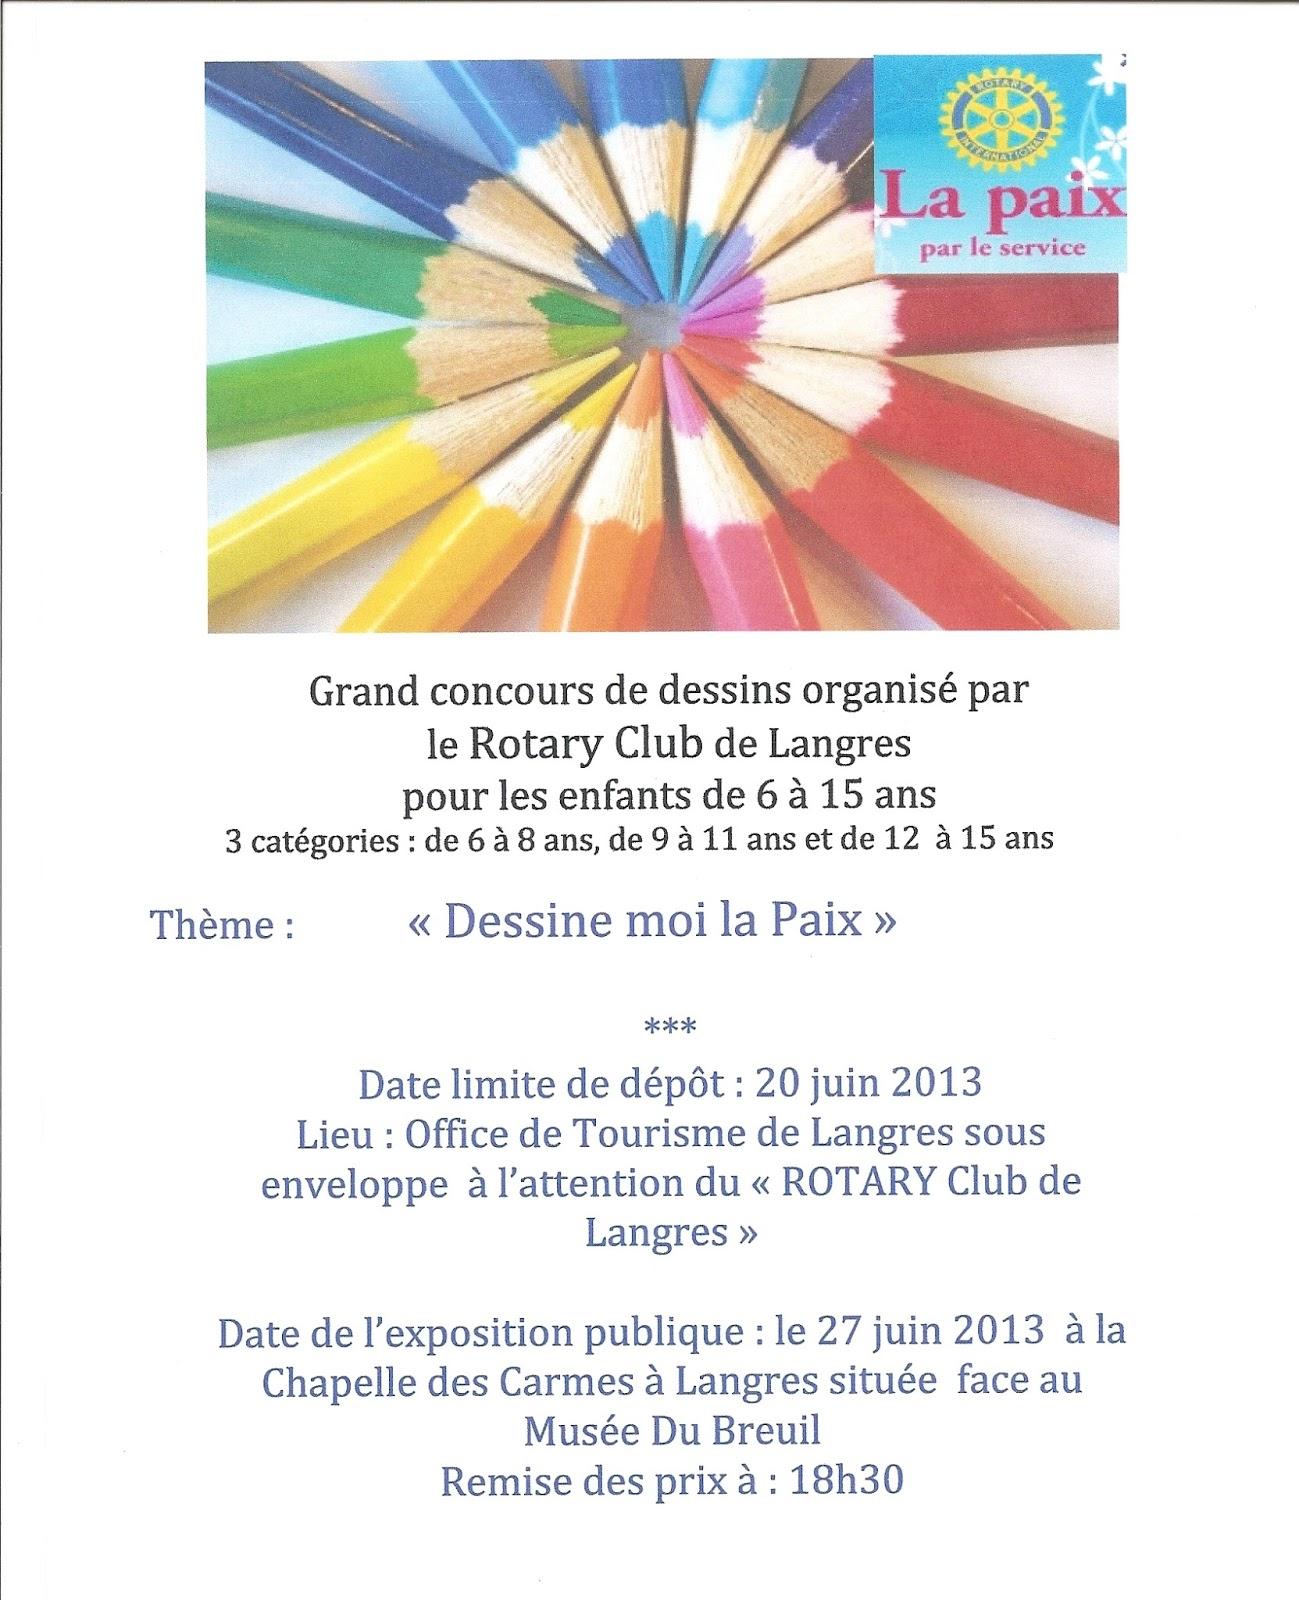 Concours de dessins sur le theme de la paix dans le monde rotary club de langres - Dessin sur la paix ...